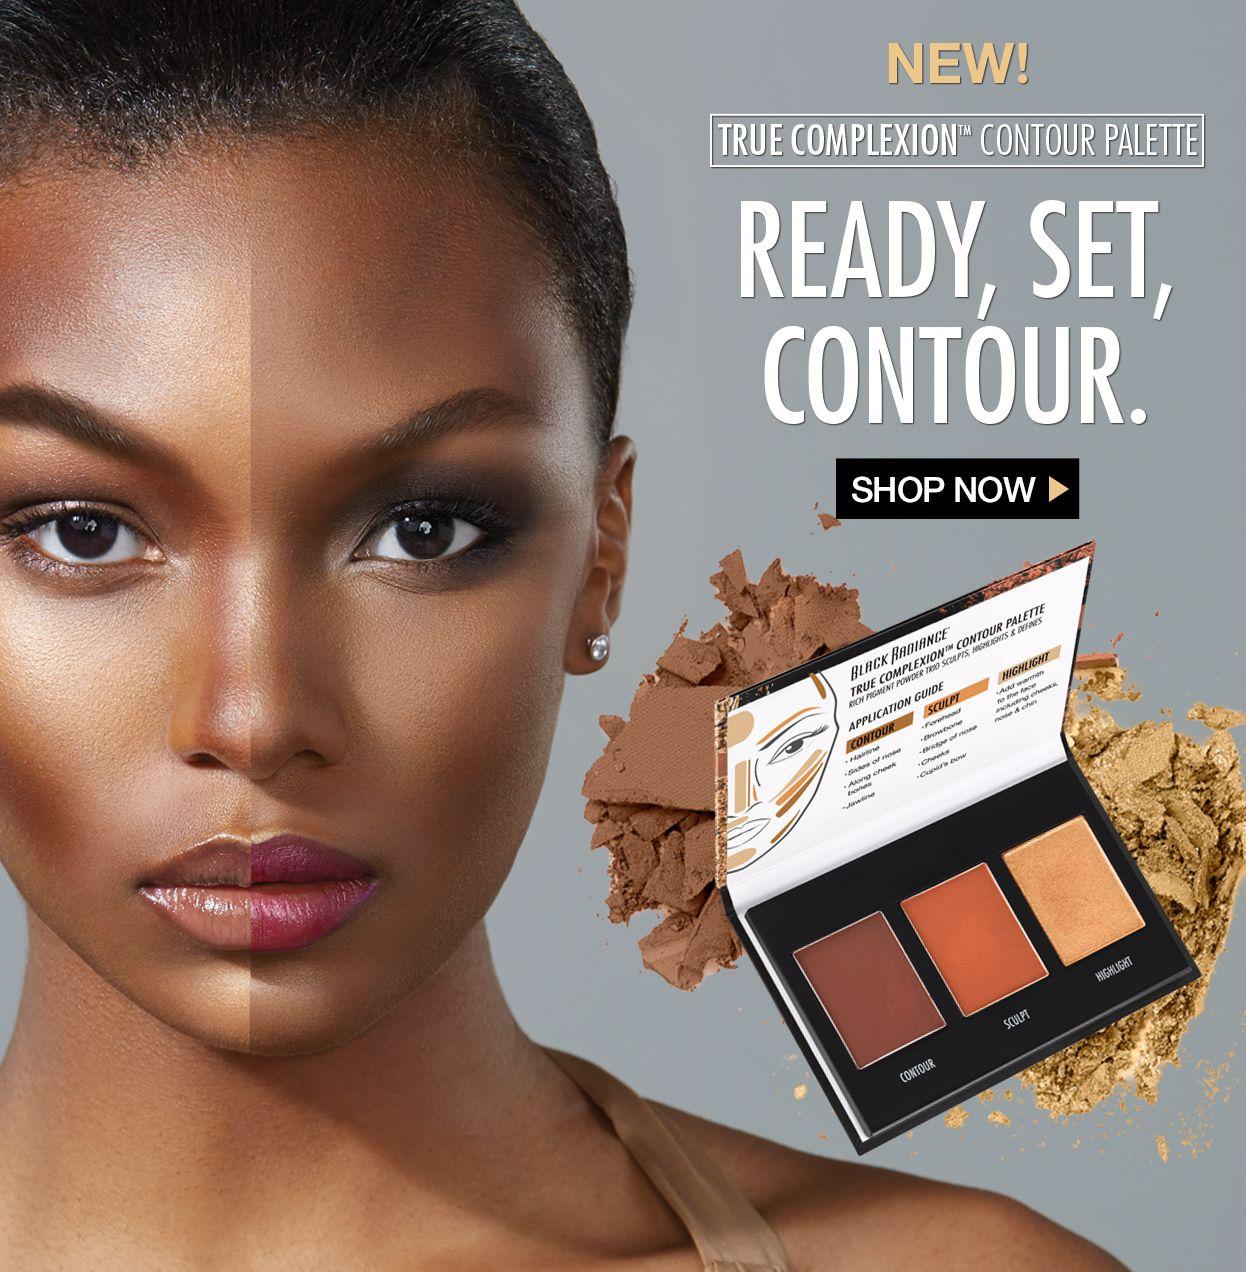 True complexion contour palette ready, set, contour